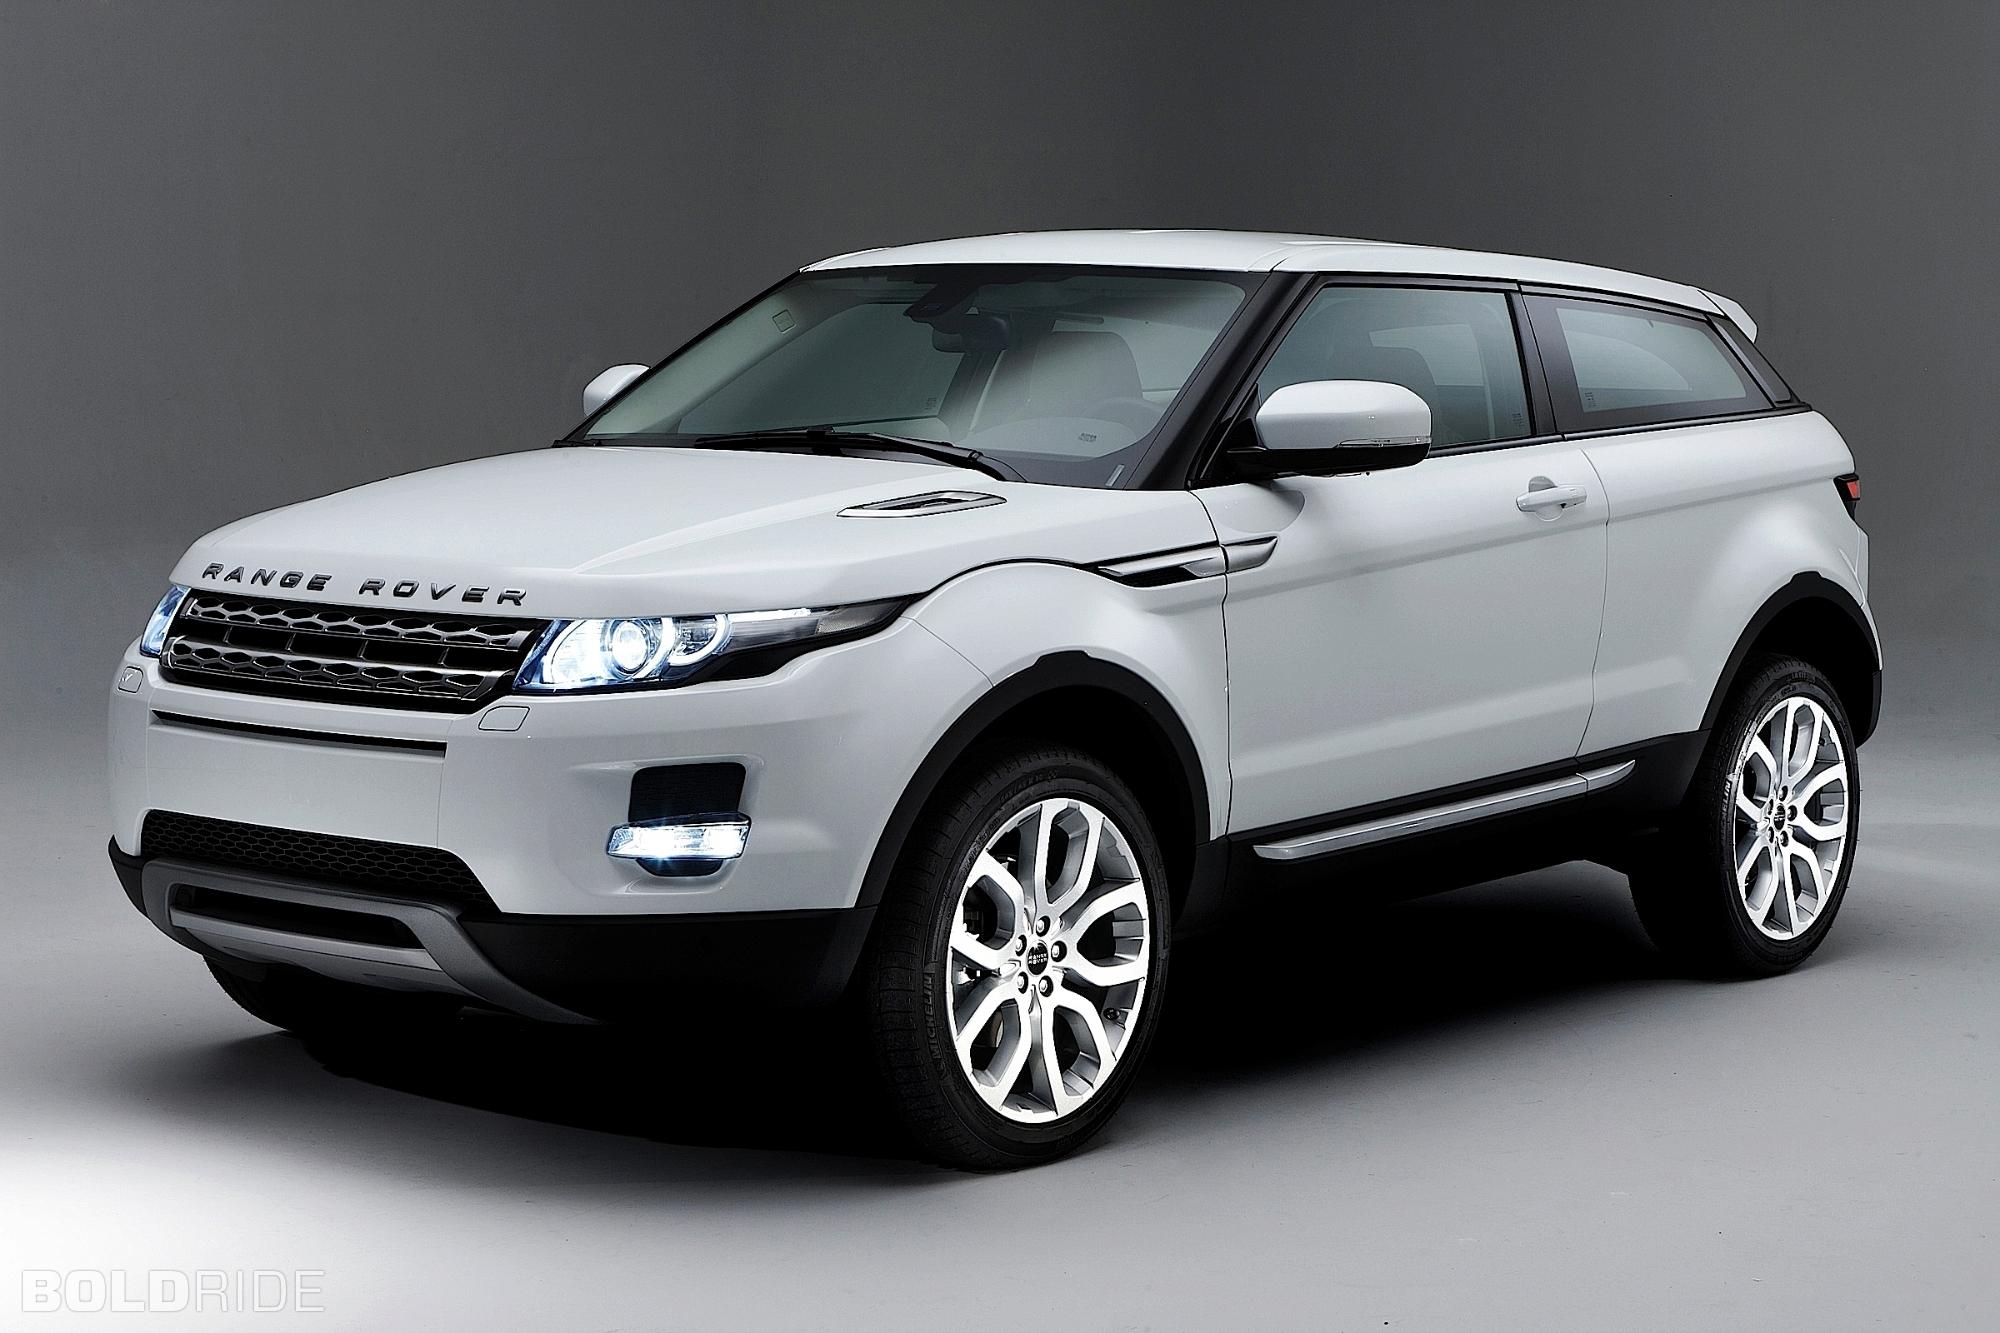 Range Rover Evoque: i migliori prezzi sul mercato